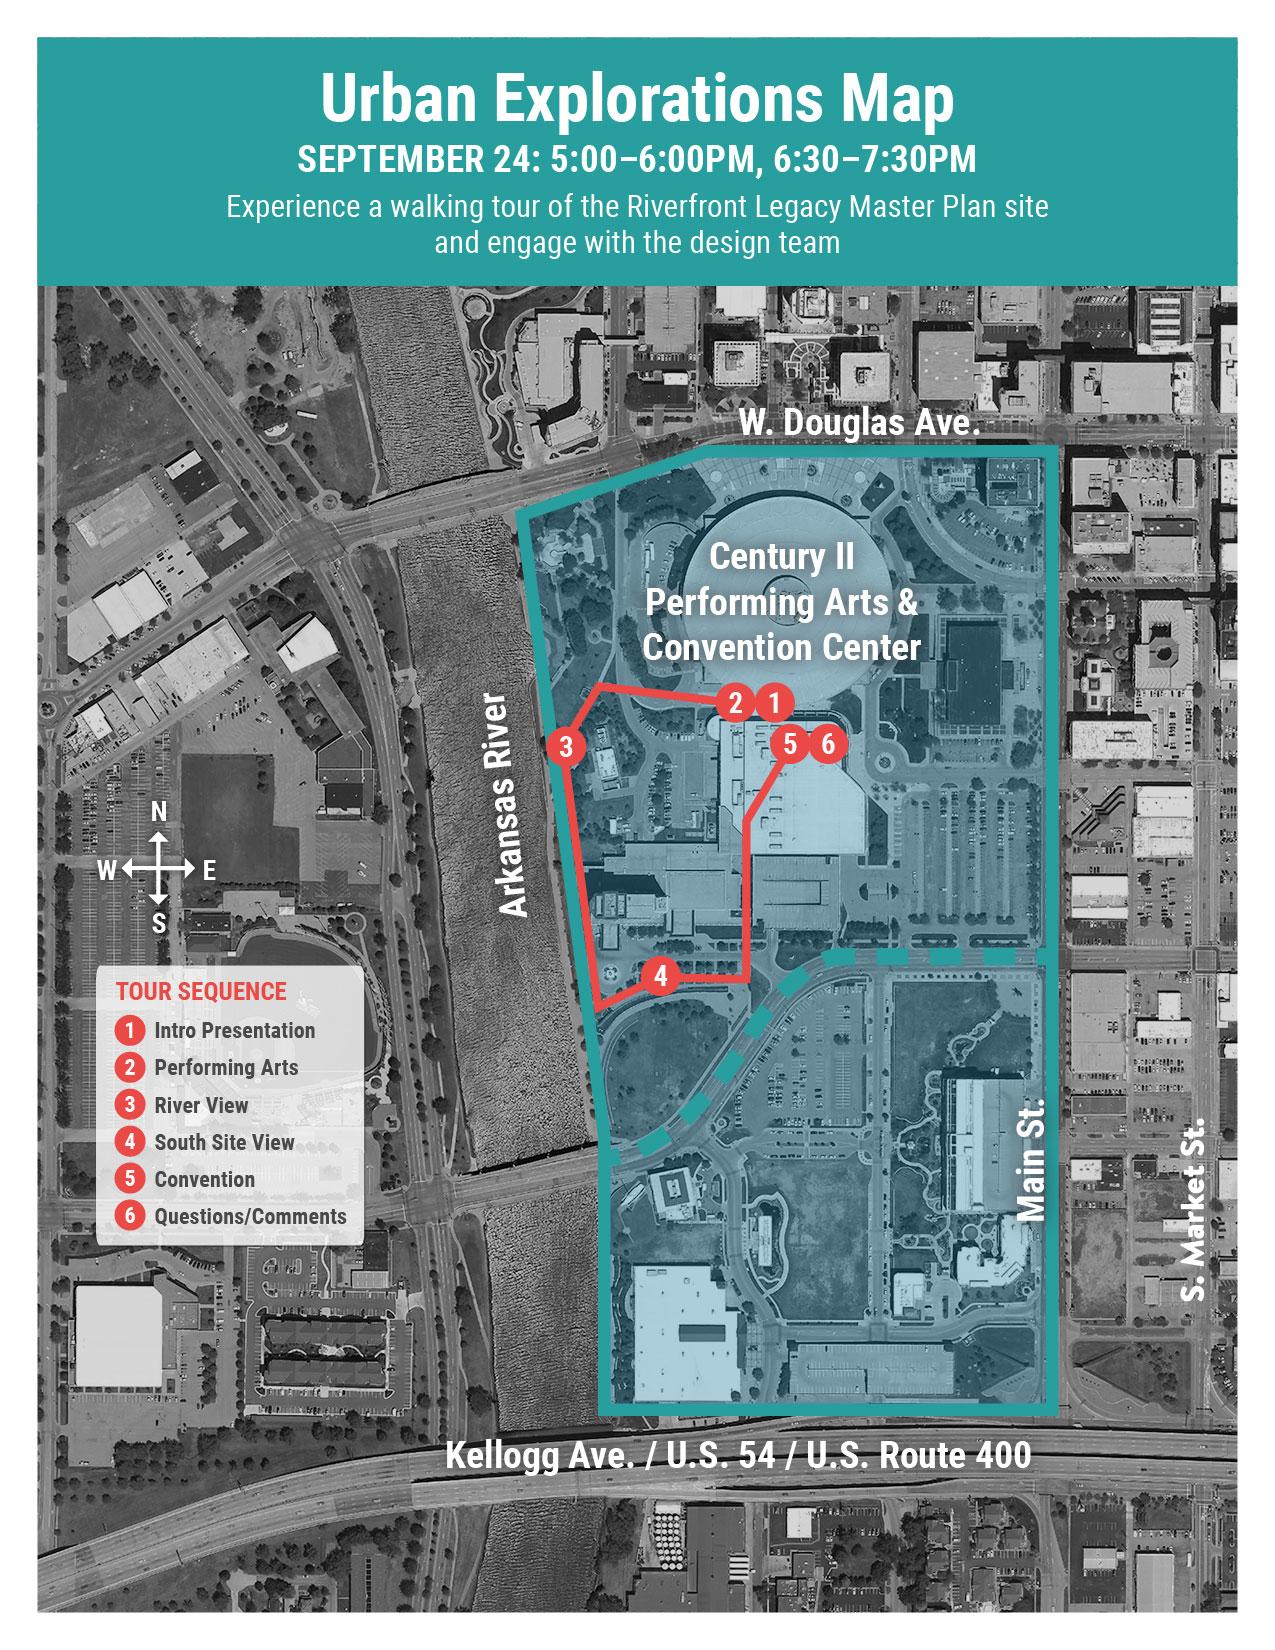 September 24 Urban Exploration Tour Map